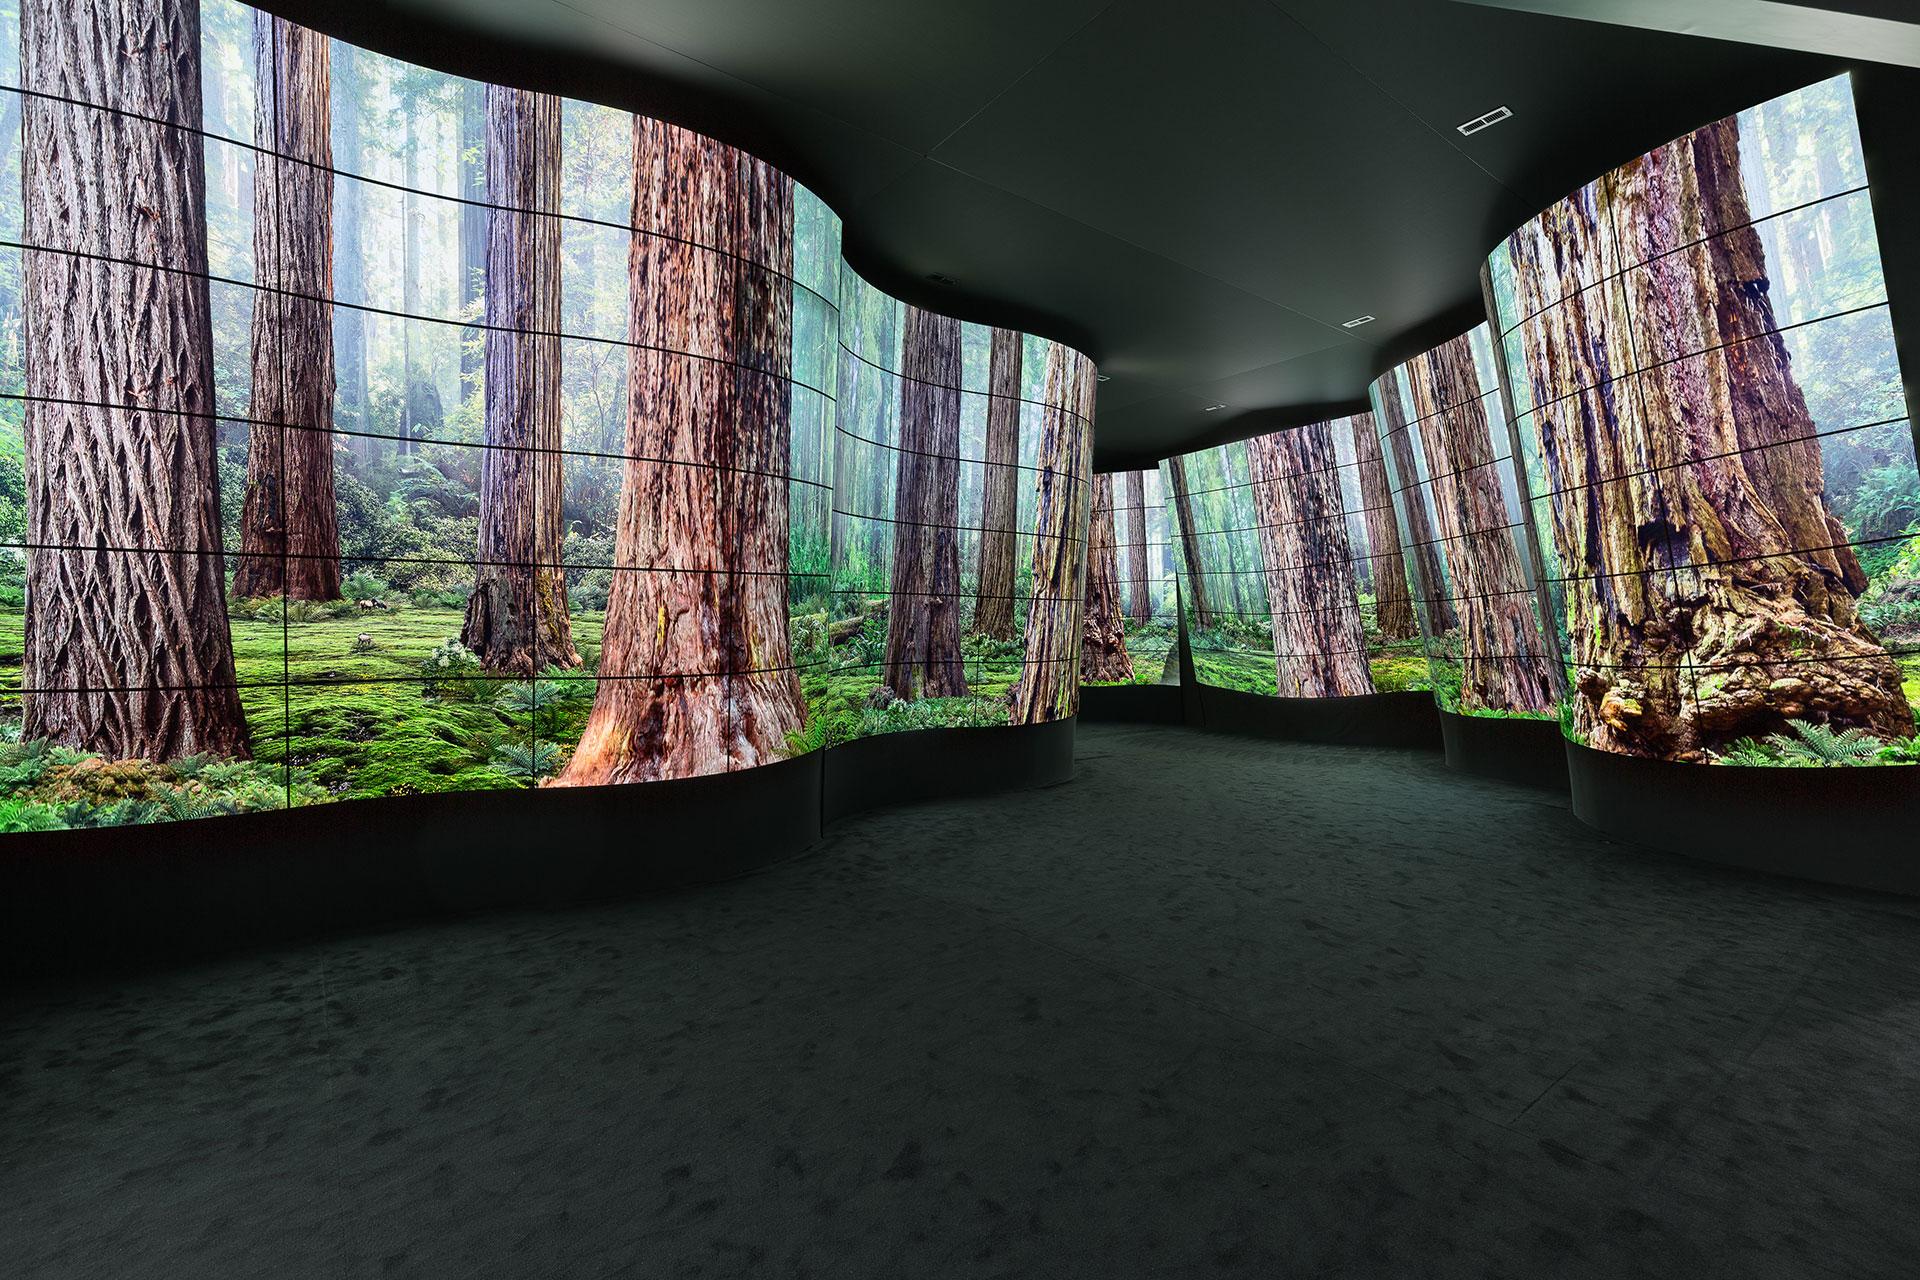 Murs d'écrans